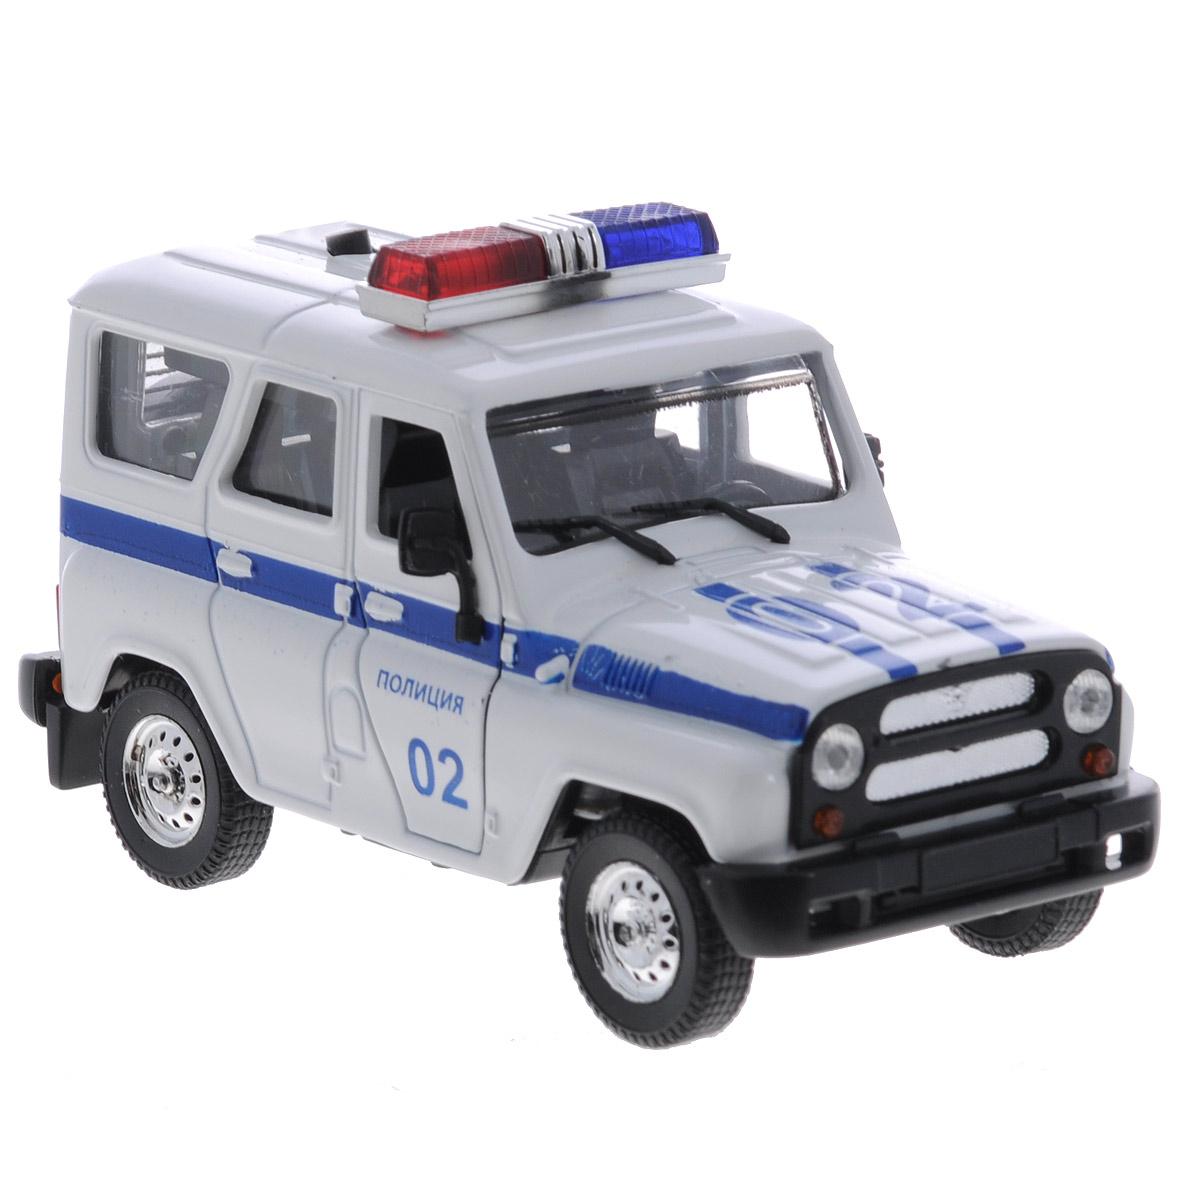 ТехноПарк Машинка инерционная УАЗ Hunter Полиция31514-2Инерционная машинка ТехноПарк УАЗ Hunter: Полиция выполненная из пластика и металла, станет любимой игрушкой вашего малыша. Игрушка представляет собой модель полицейского автомобиля марки УАЗ Hunter. Дверцы кабины и задняя дверь кузова открываются. При нажатии на кнопку на крыше модели замигают проблесковые маячки и раздастся звук сирены. Игрушка оснащена инерционным ходом. Машинку необходимо отвести назад, затем отпустить - и она быстро поедет вперед. Прорезиненные колеса обеспечивают надежное сцепление с любой поверхностью пола. Ваш ребенок будет часами играть с этой машинкой, придумывая различные истории. Порадуйте его таким замечательным подарком! Машинка работает от батареек (товар комплектуется демонстрационными).